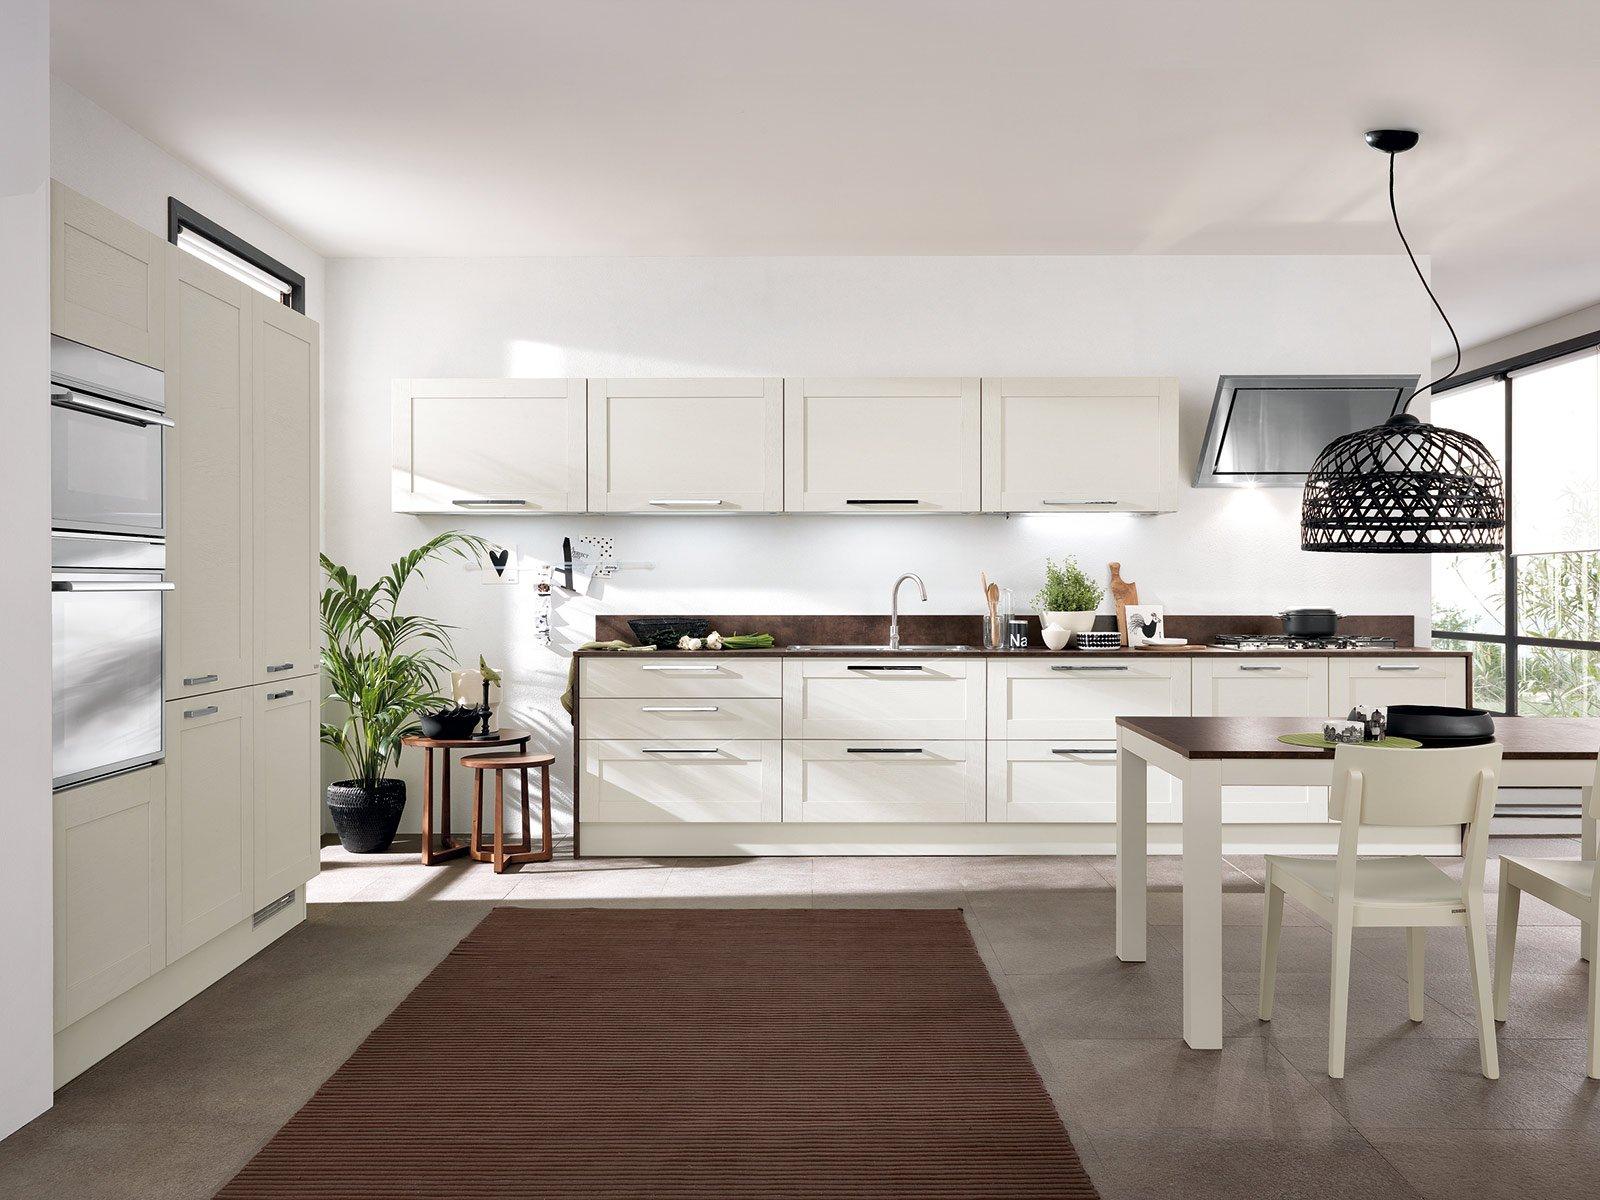 Carattere Green Per Open Di Scavolini Realizzata Con Struttura In  #4E5E2D 1600 1200 Immagini Di Cucine Muratura